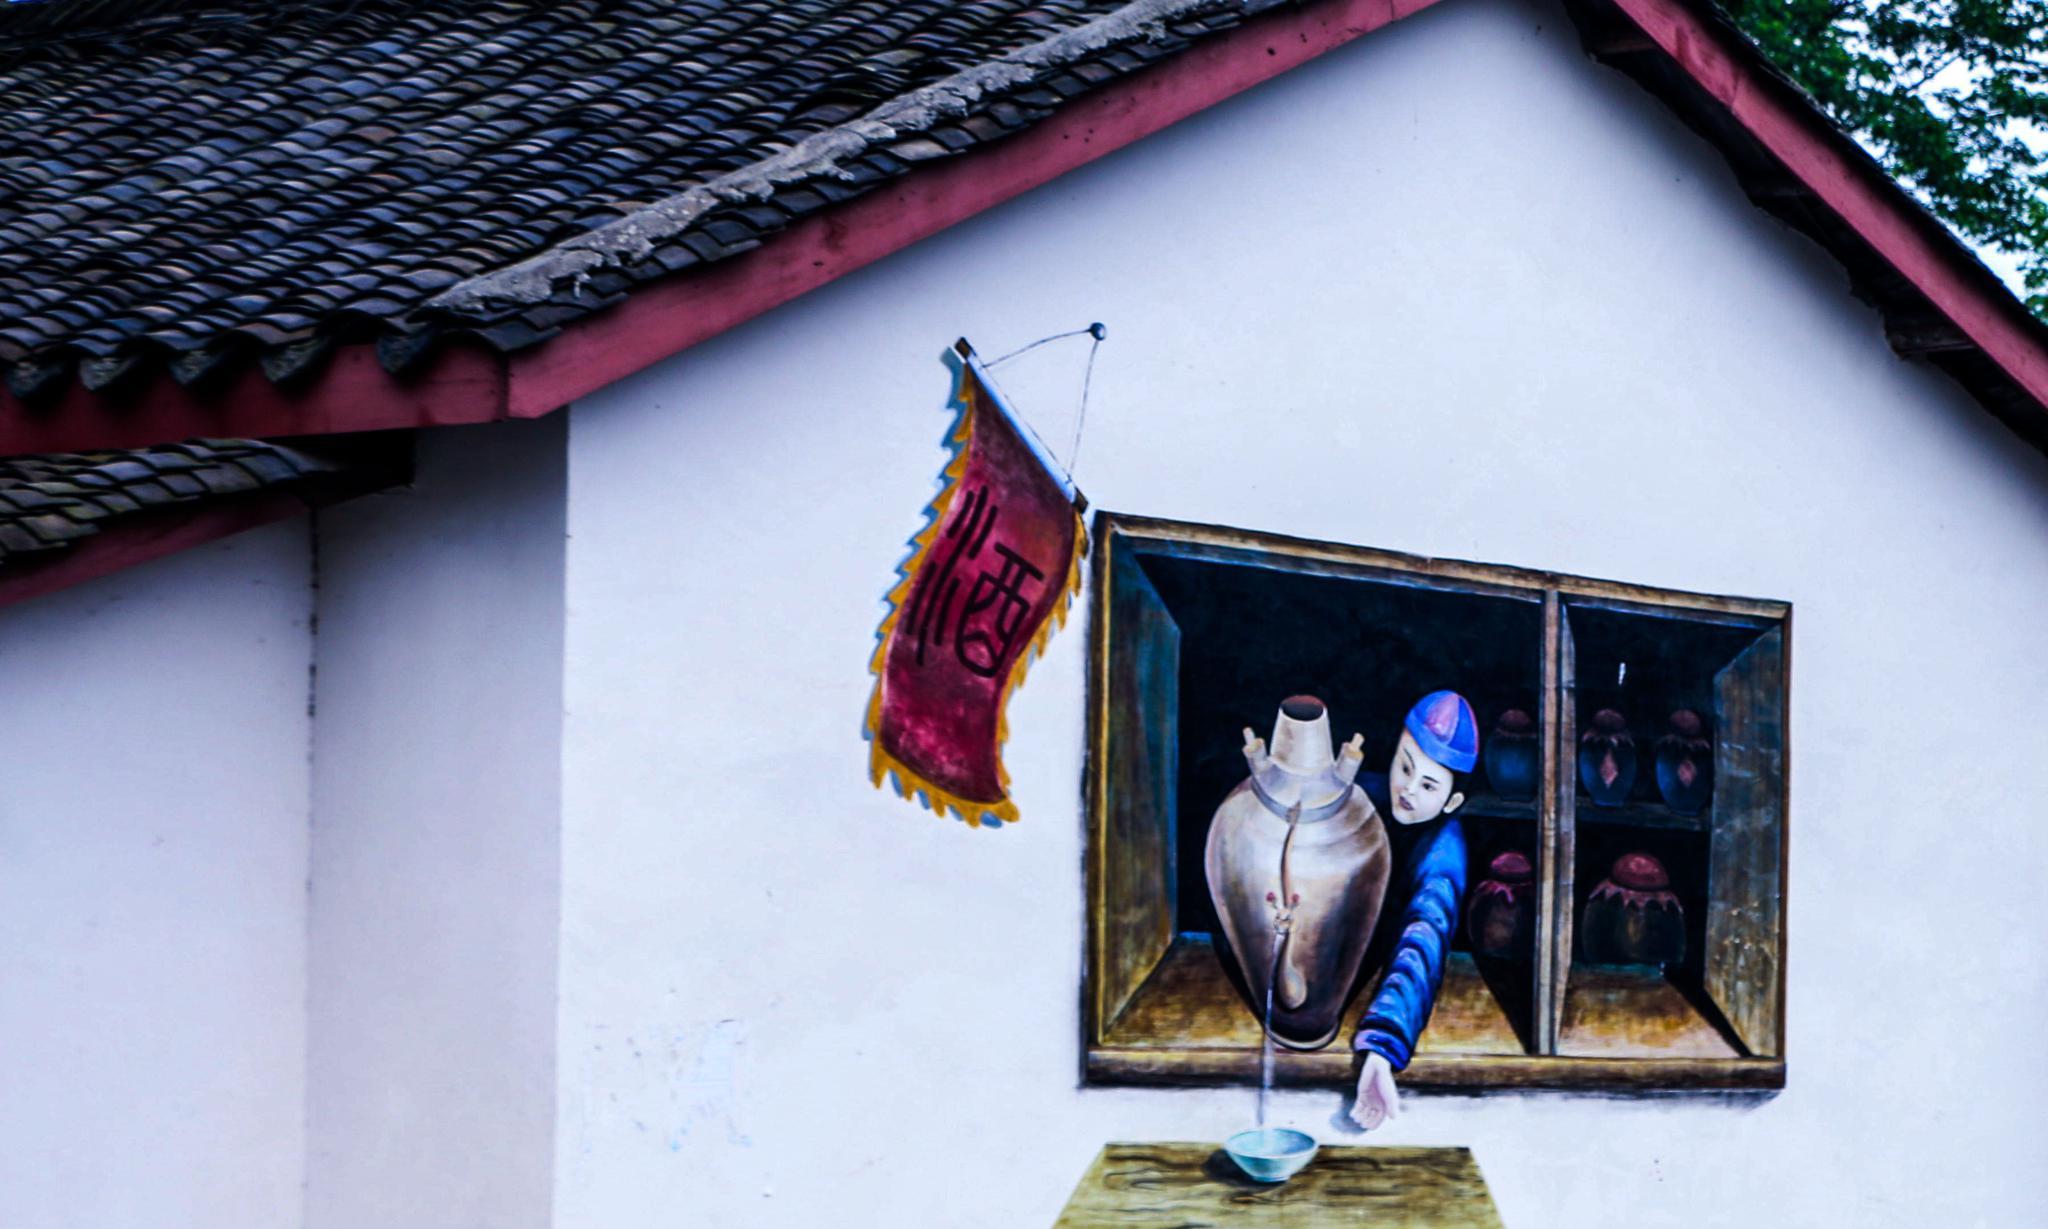 绵竹年画:藏在画里的百年传承